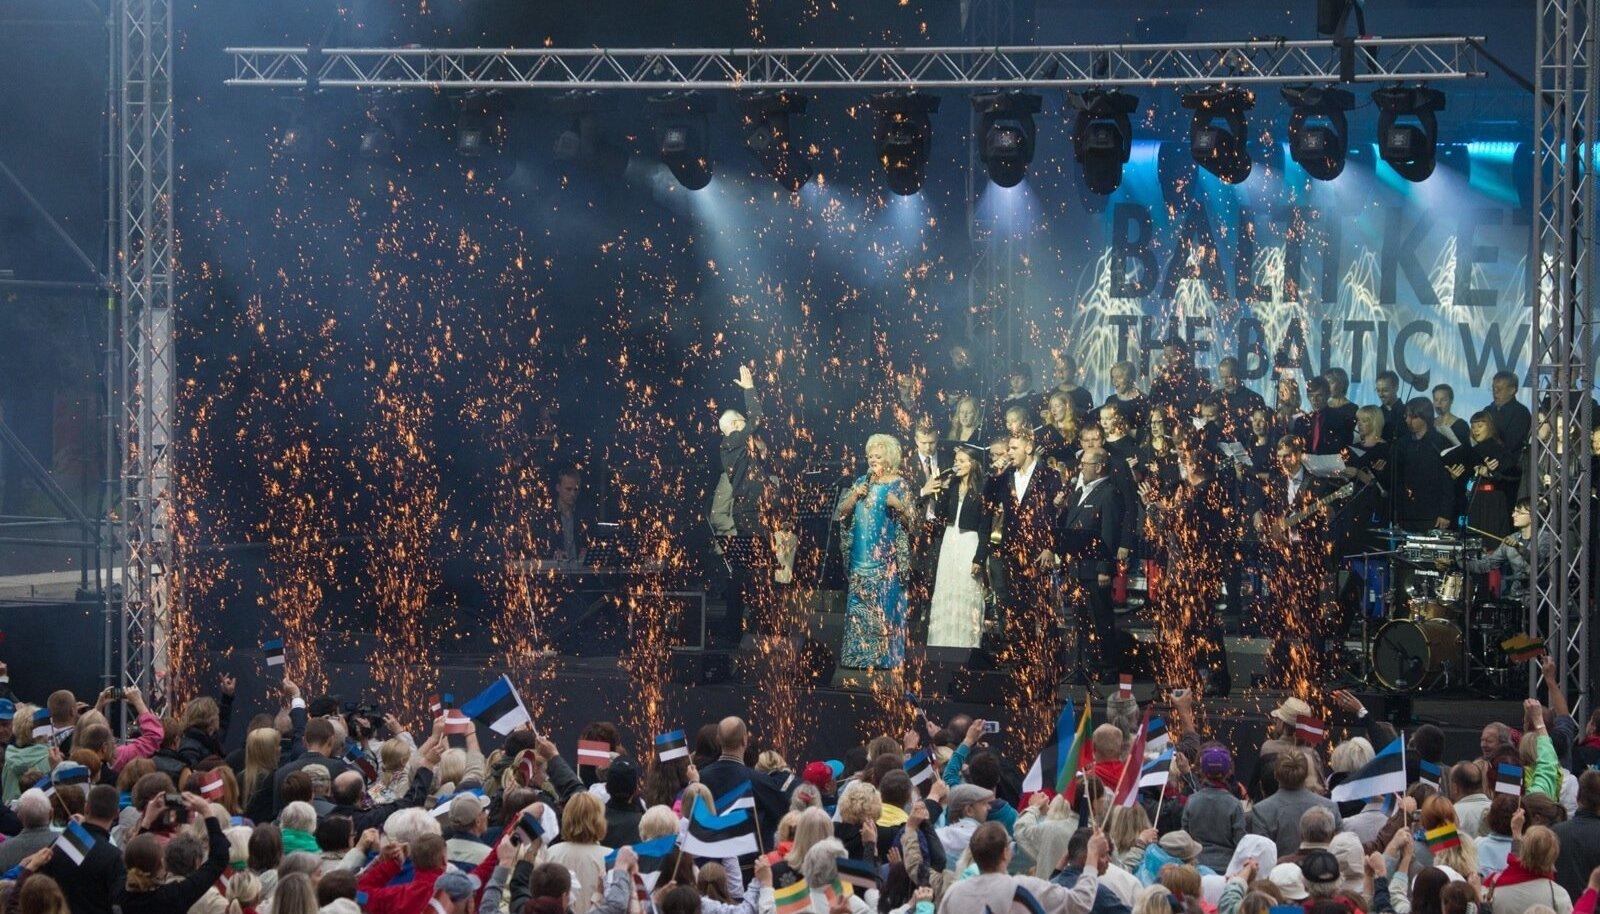 """23. augustil 2014, Balti keti 25. aastapäeval, toimus Tallinnas Vabaduse platsil mälestuskontsert """"Ärgake, Baltimaad!""""."""